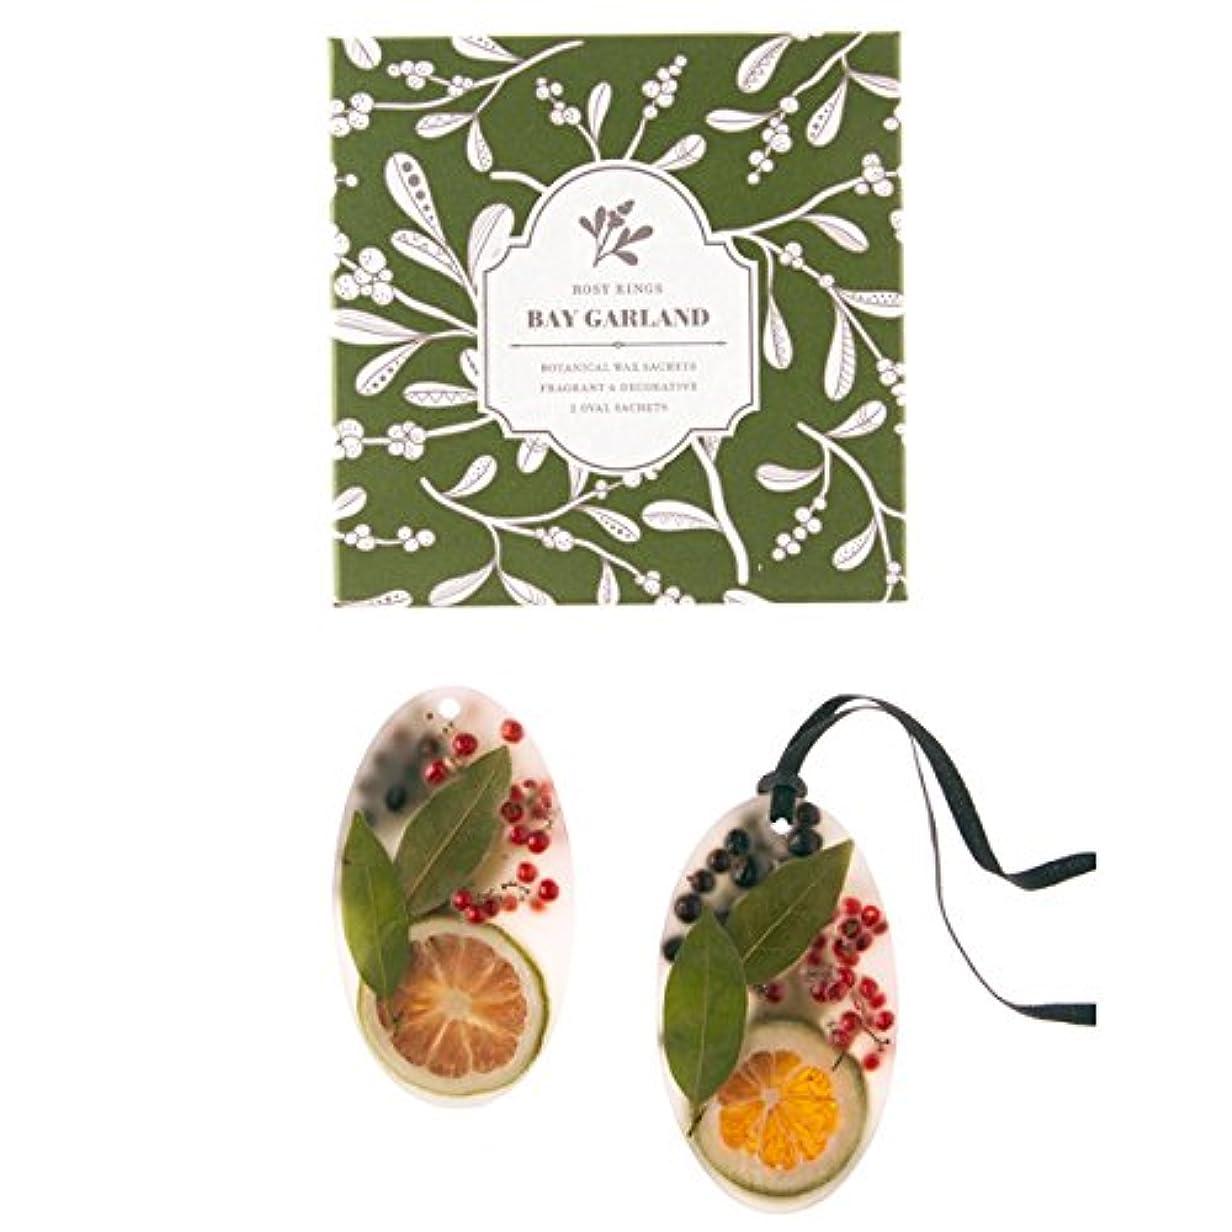 寸前シンプルな海岸ロージーリングス ボタニカルワックスサシェ オーバル ベイガーランド ROSY RINGS Signature Collection Botanical Wax Sachets – Bay Garland